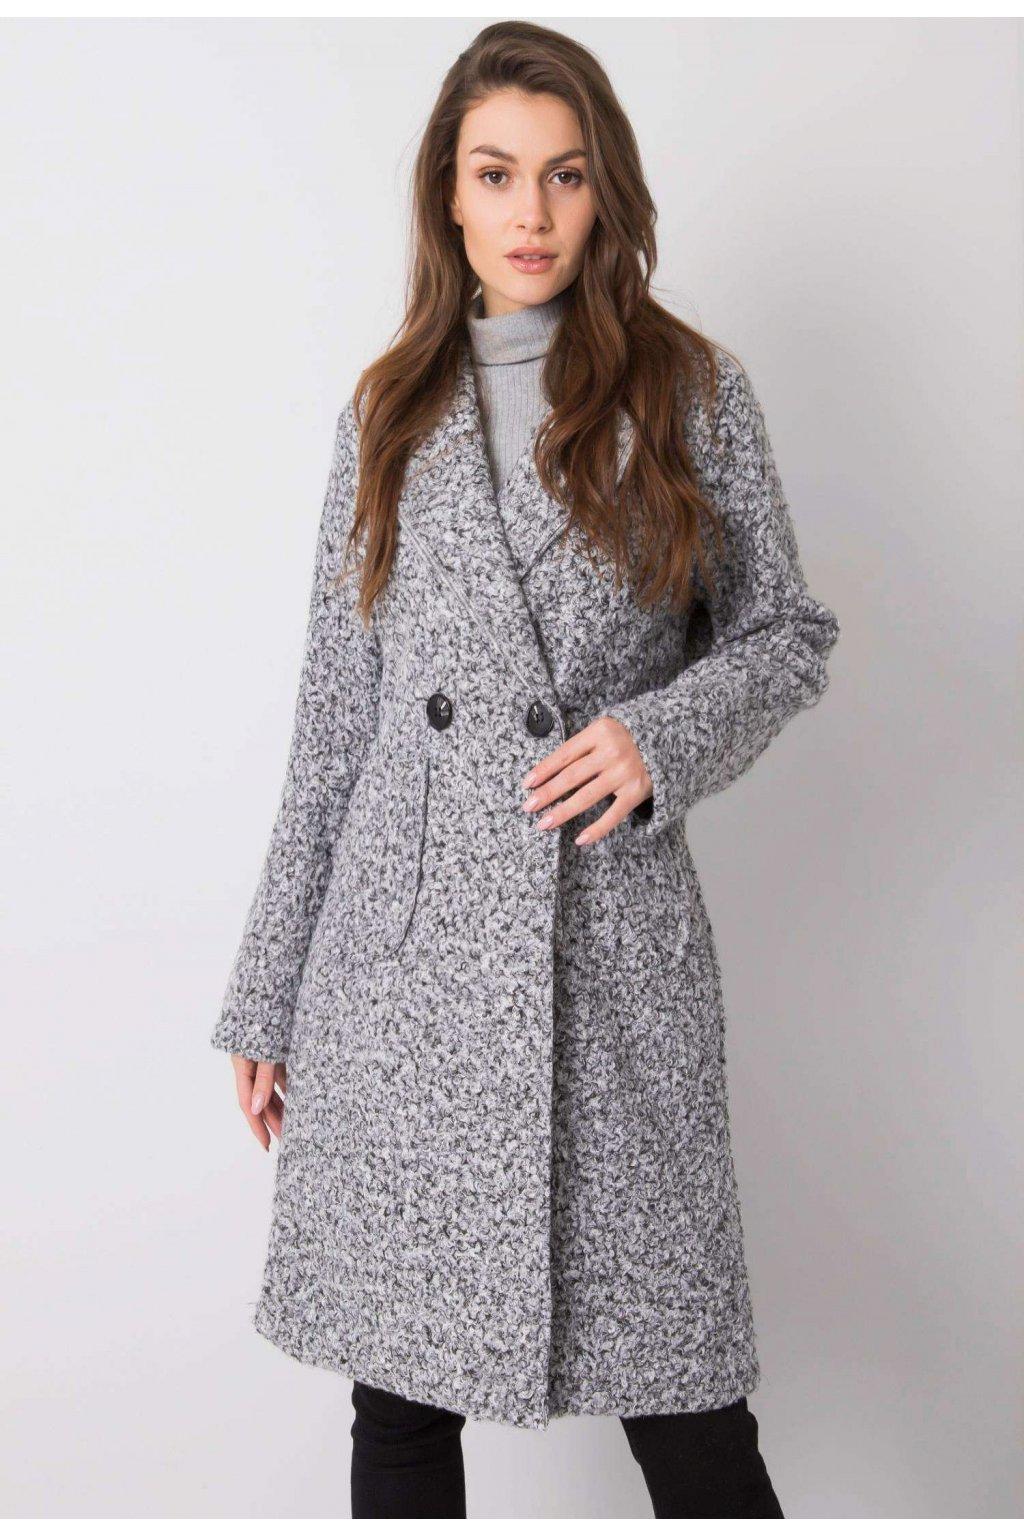 Fekete - szürke női kabát